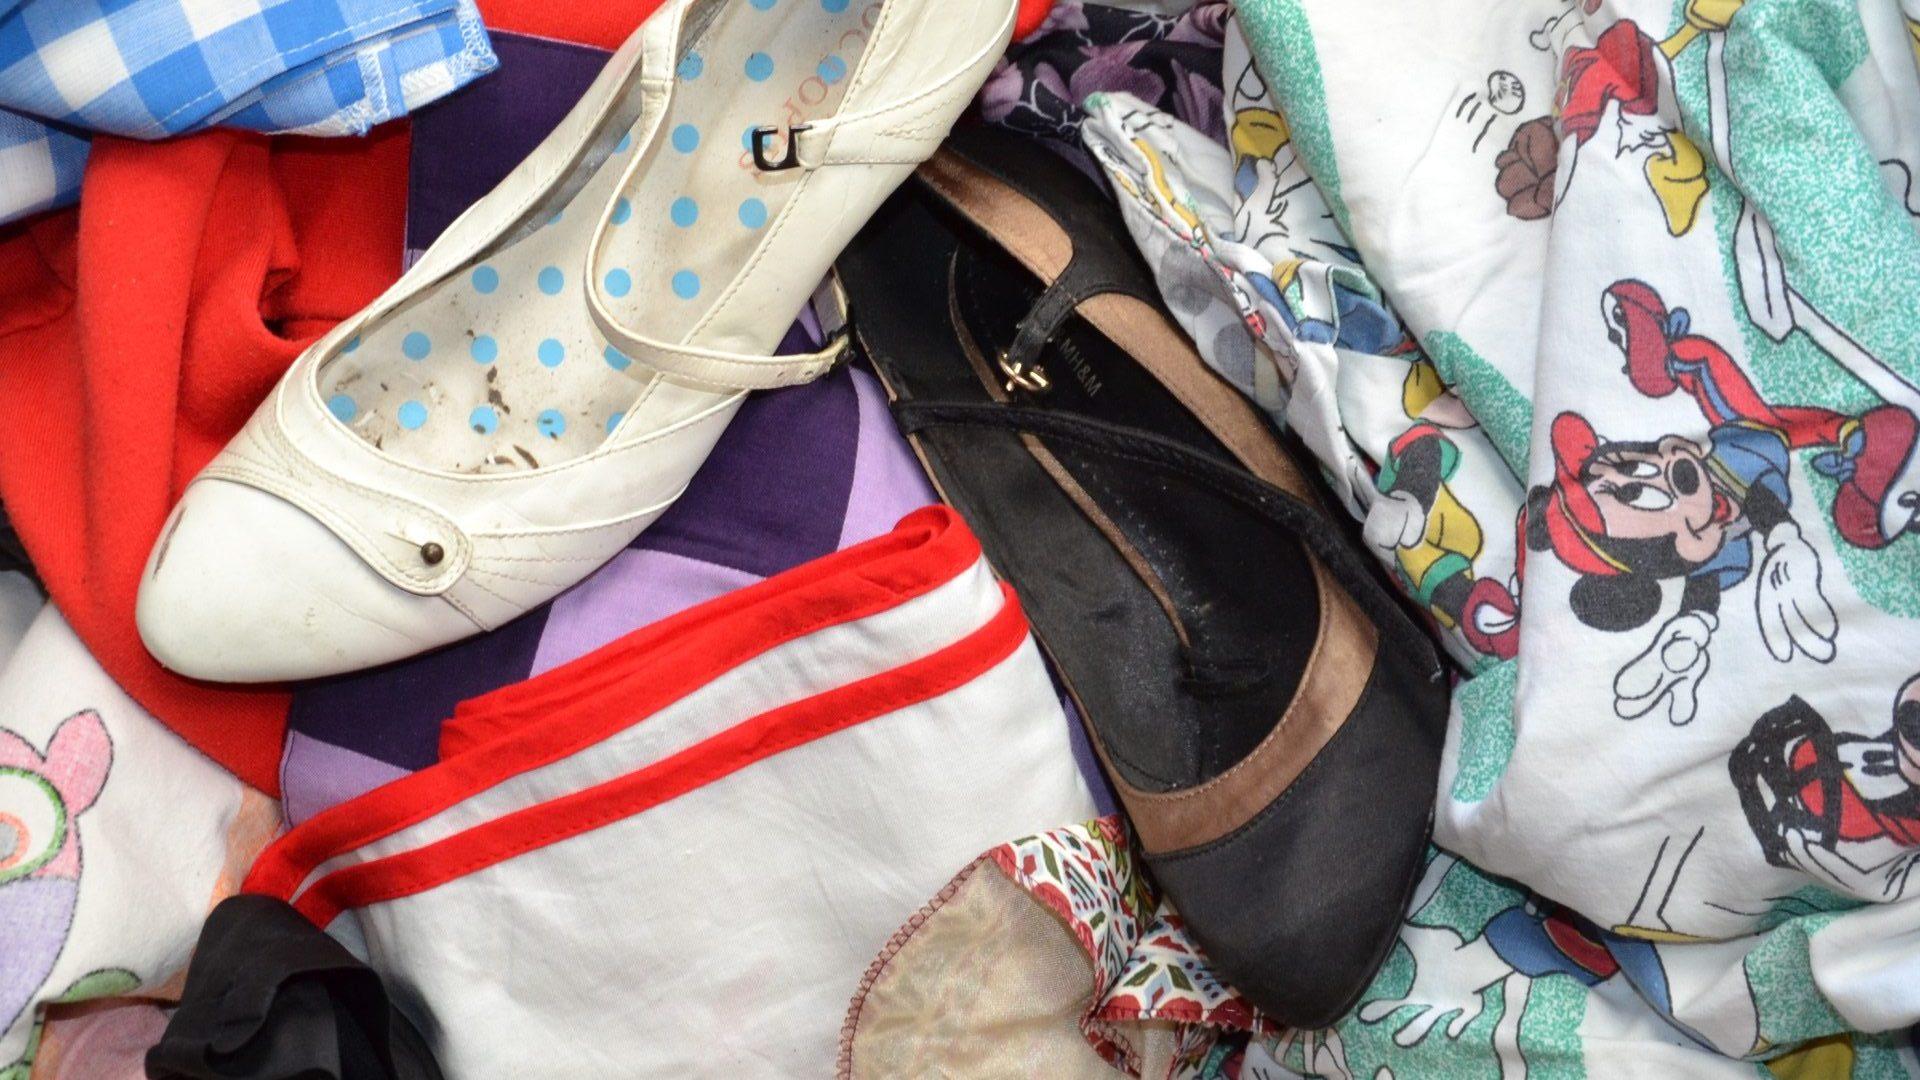 Tøj & sko | Billigenetbutikker.dk